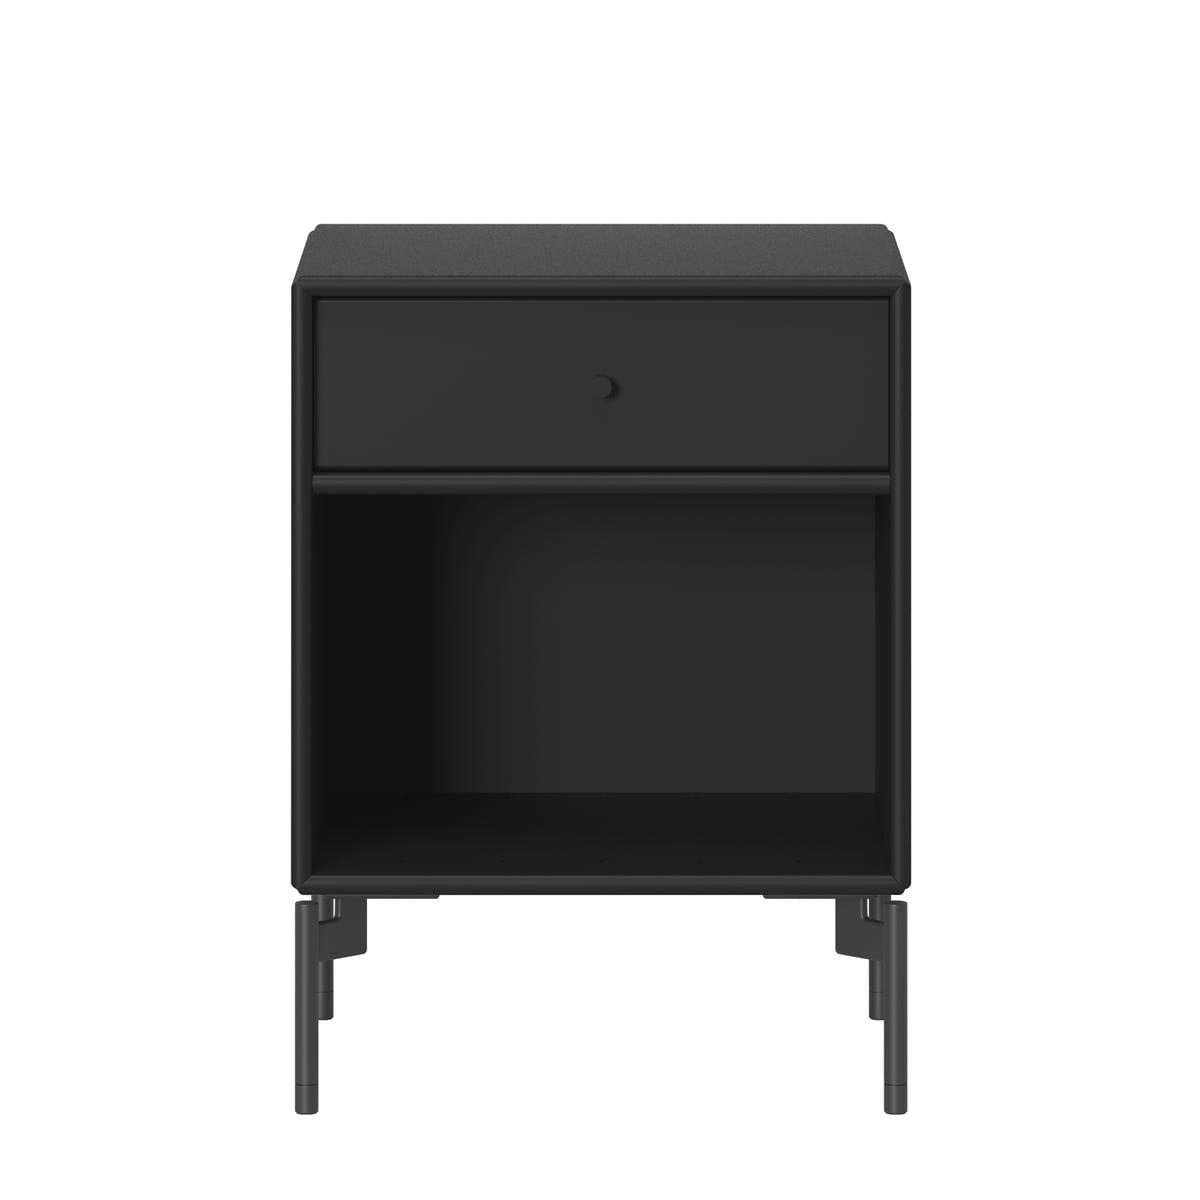 Montana - Dream Nachttisch mit Beinen, schwarz | Schlafzimmer > Nachttische | Schwarz | Mdf | Montana